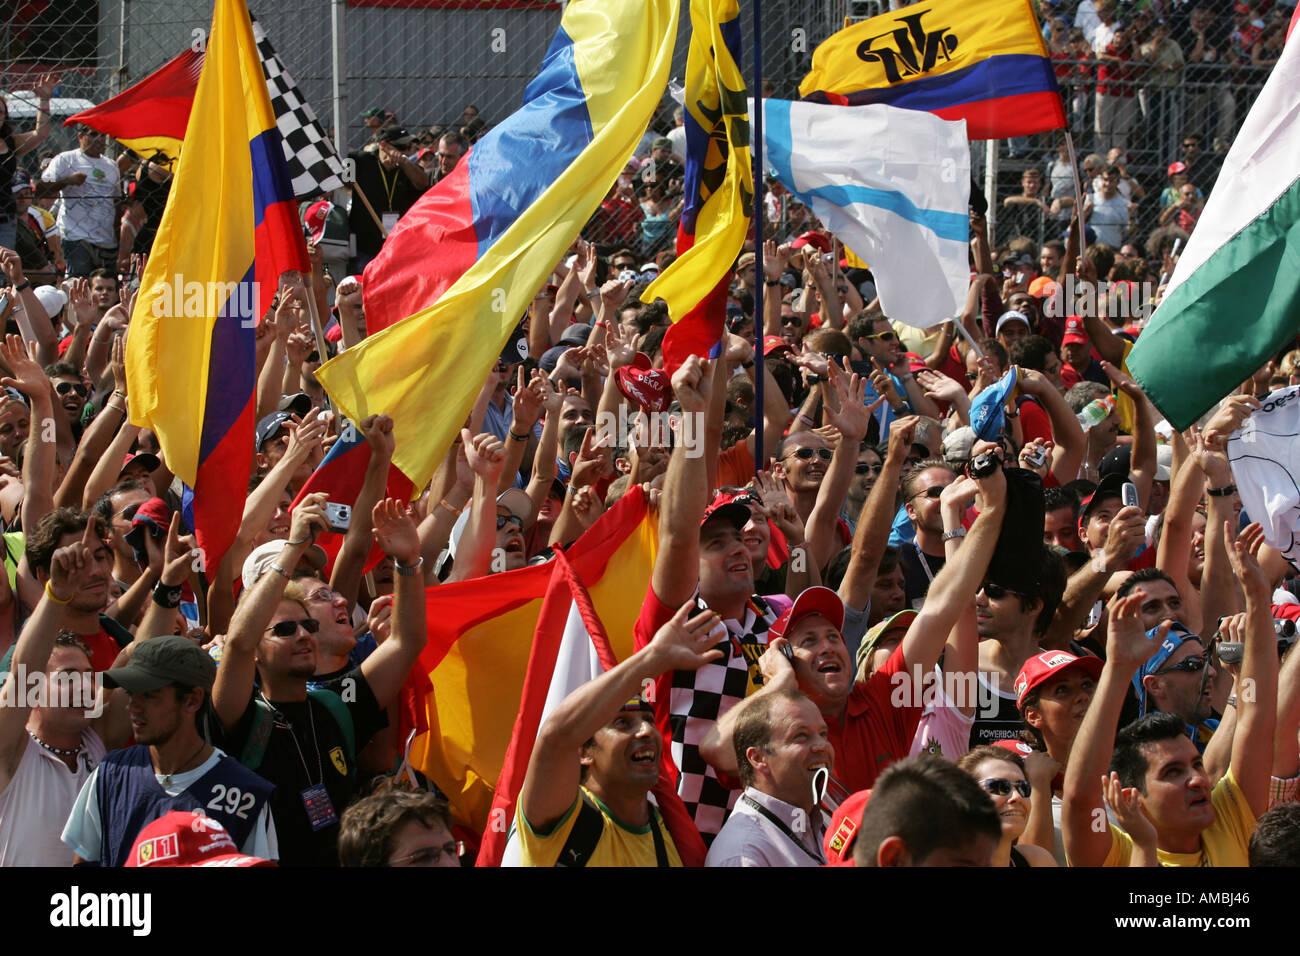 F1 fans invade the track Italian Grand Prix Monza Italy